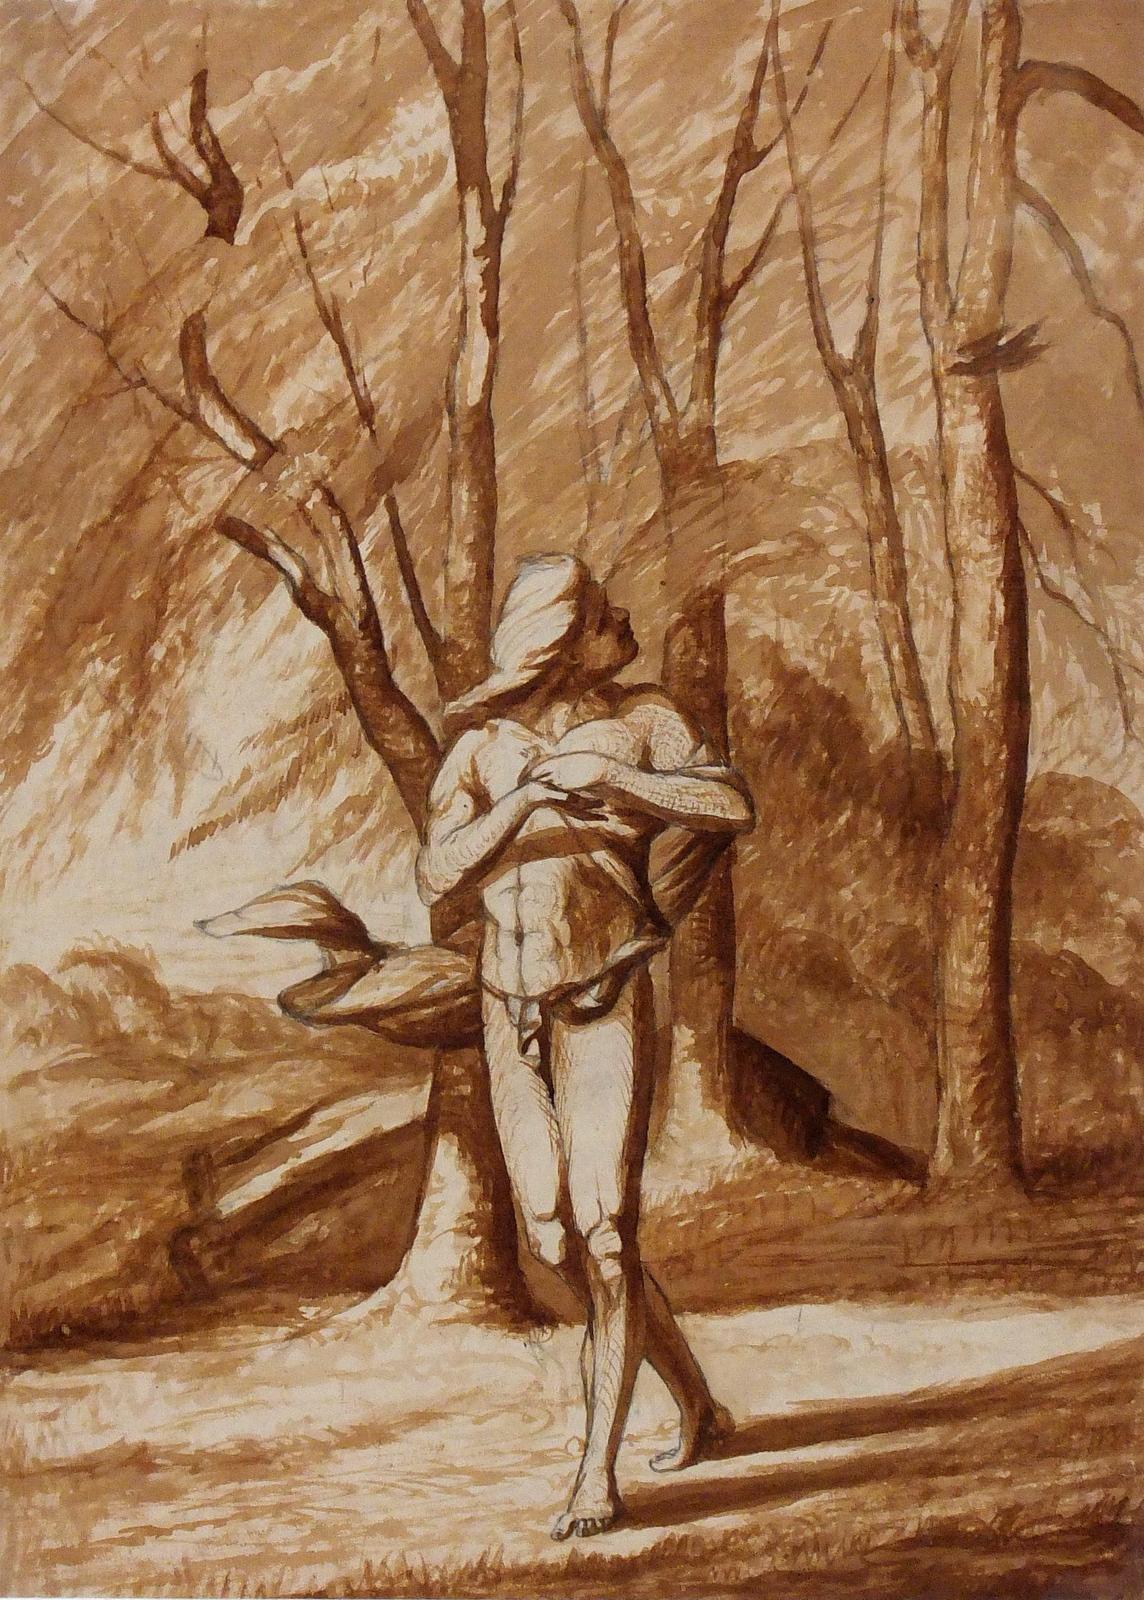 Landscape Watercolor - Sanguine Terracotta Forest Scene